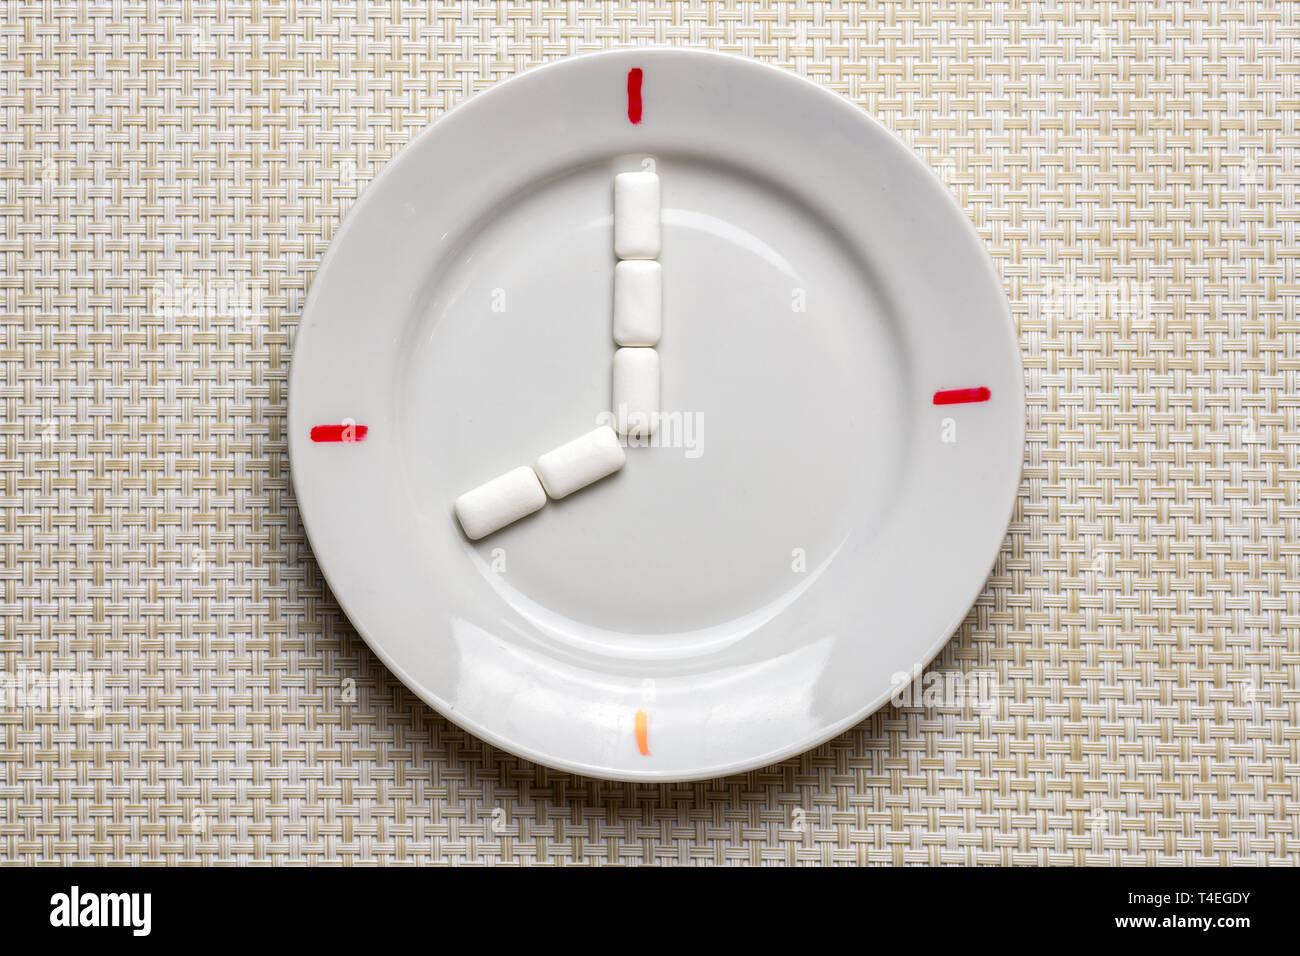 Limpieza de los dientes de la rotura. Tiempo para el cepillado de dientes durante el trabajo o comer. Símbolo de reloj en la placa. Concepto de higiene bucal con pasta de dientes, toothbru Foto de stock